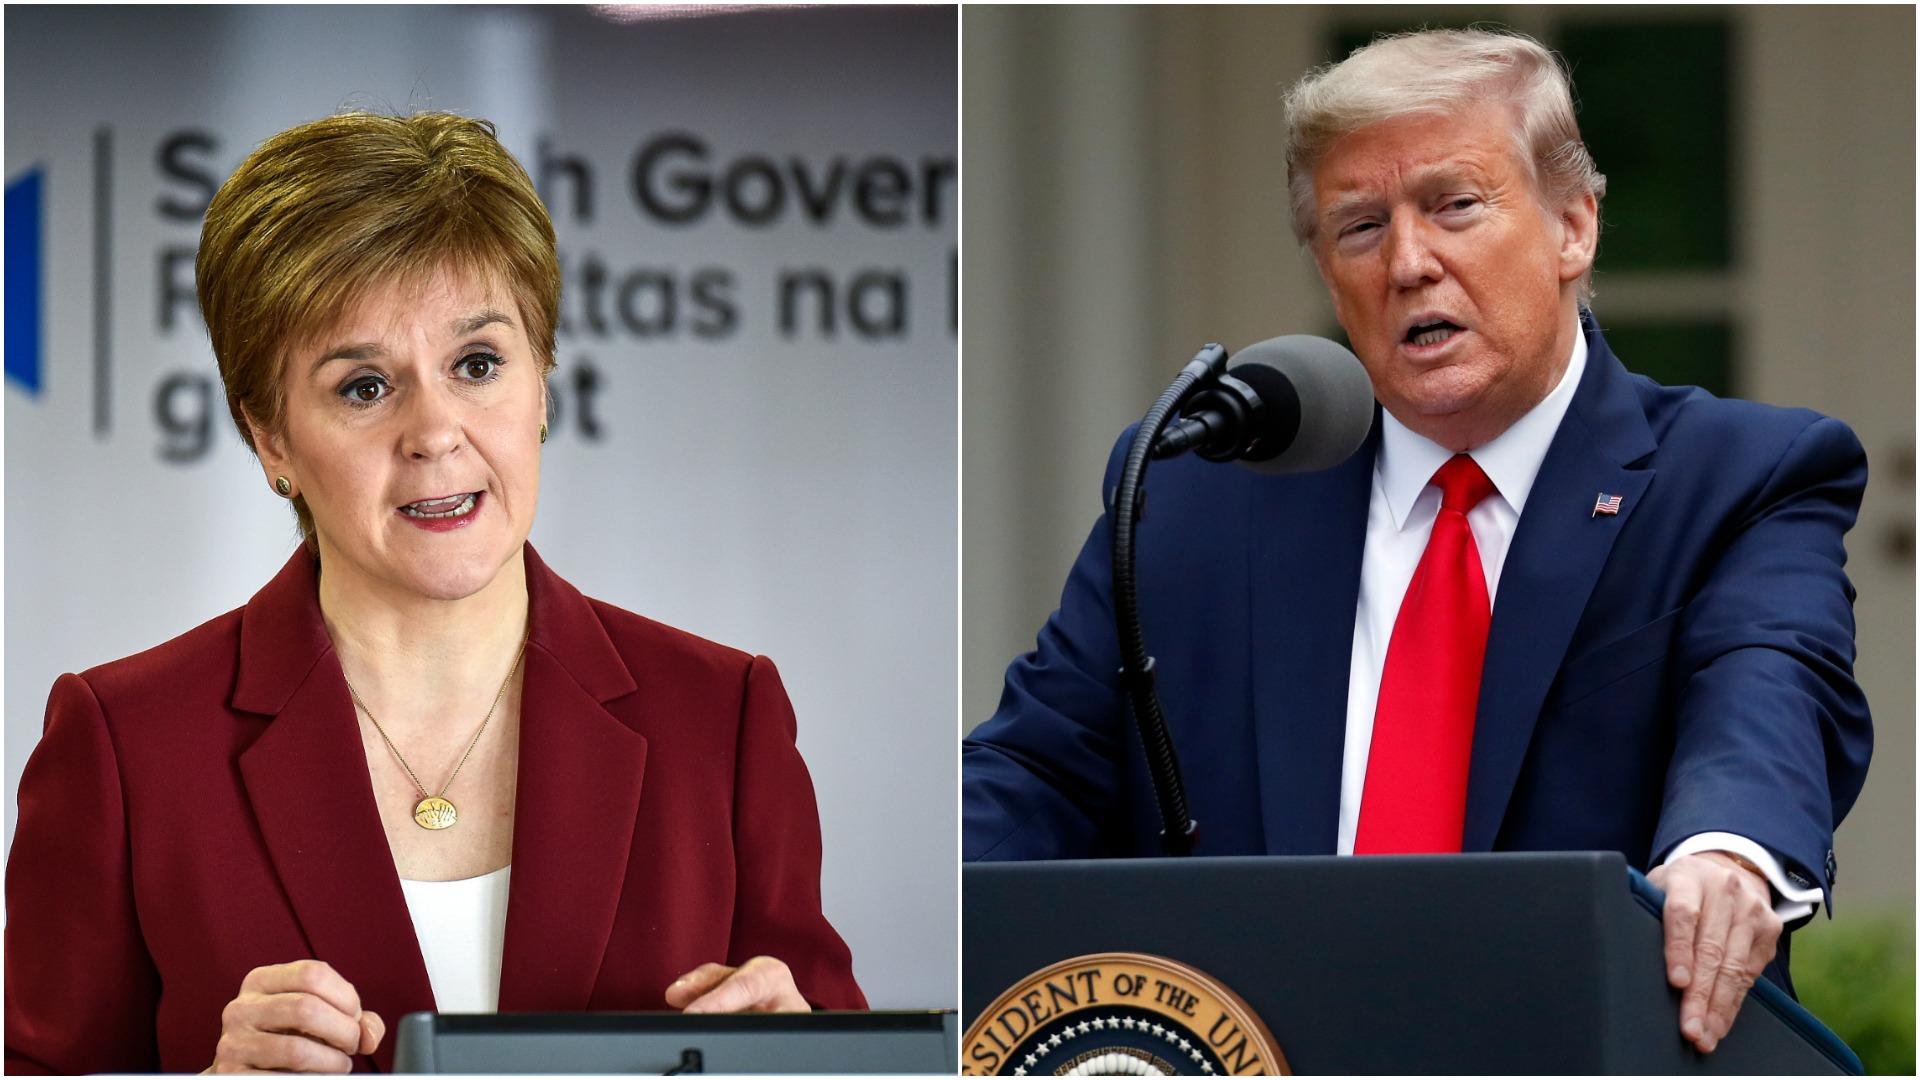 Menteri Skotlandia dituduh bertindak melanggar hukum dengan gagal menyelidiki keuangan Donald Trump